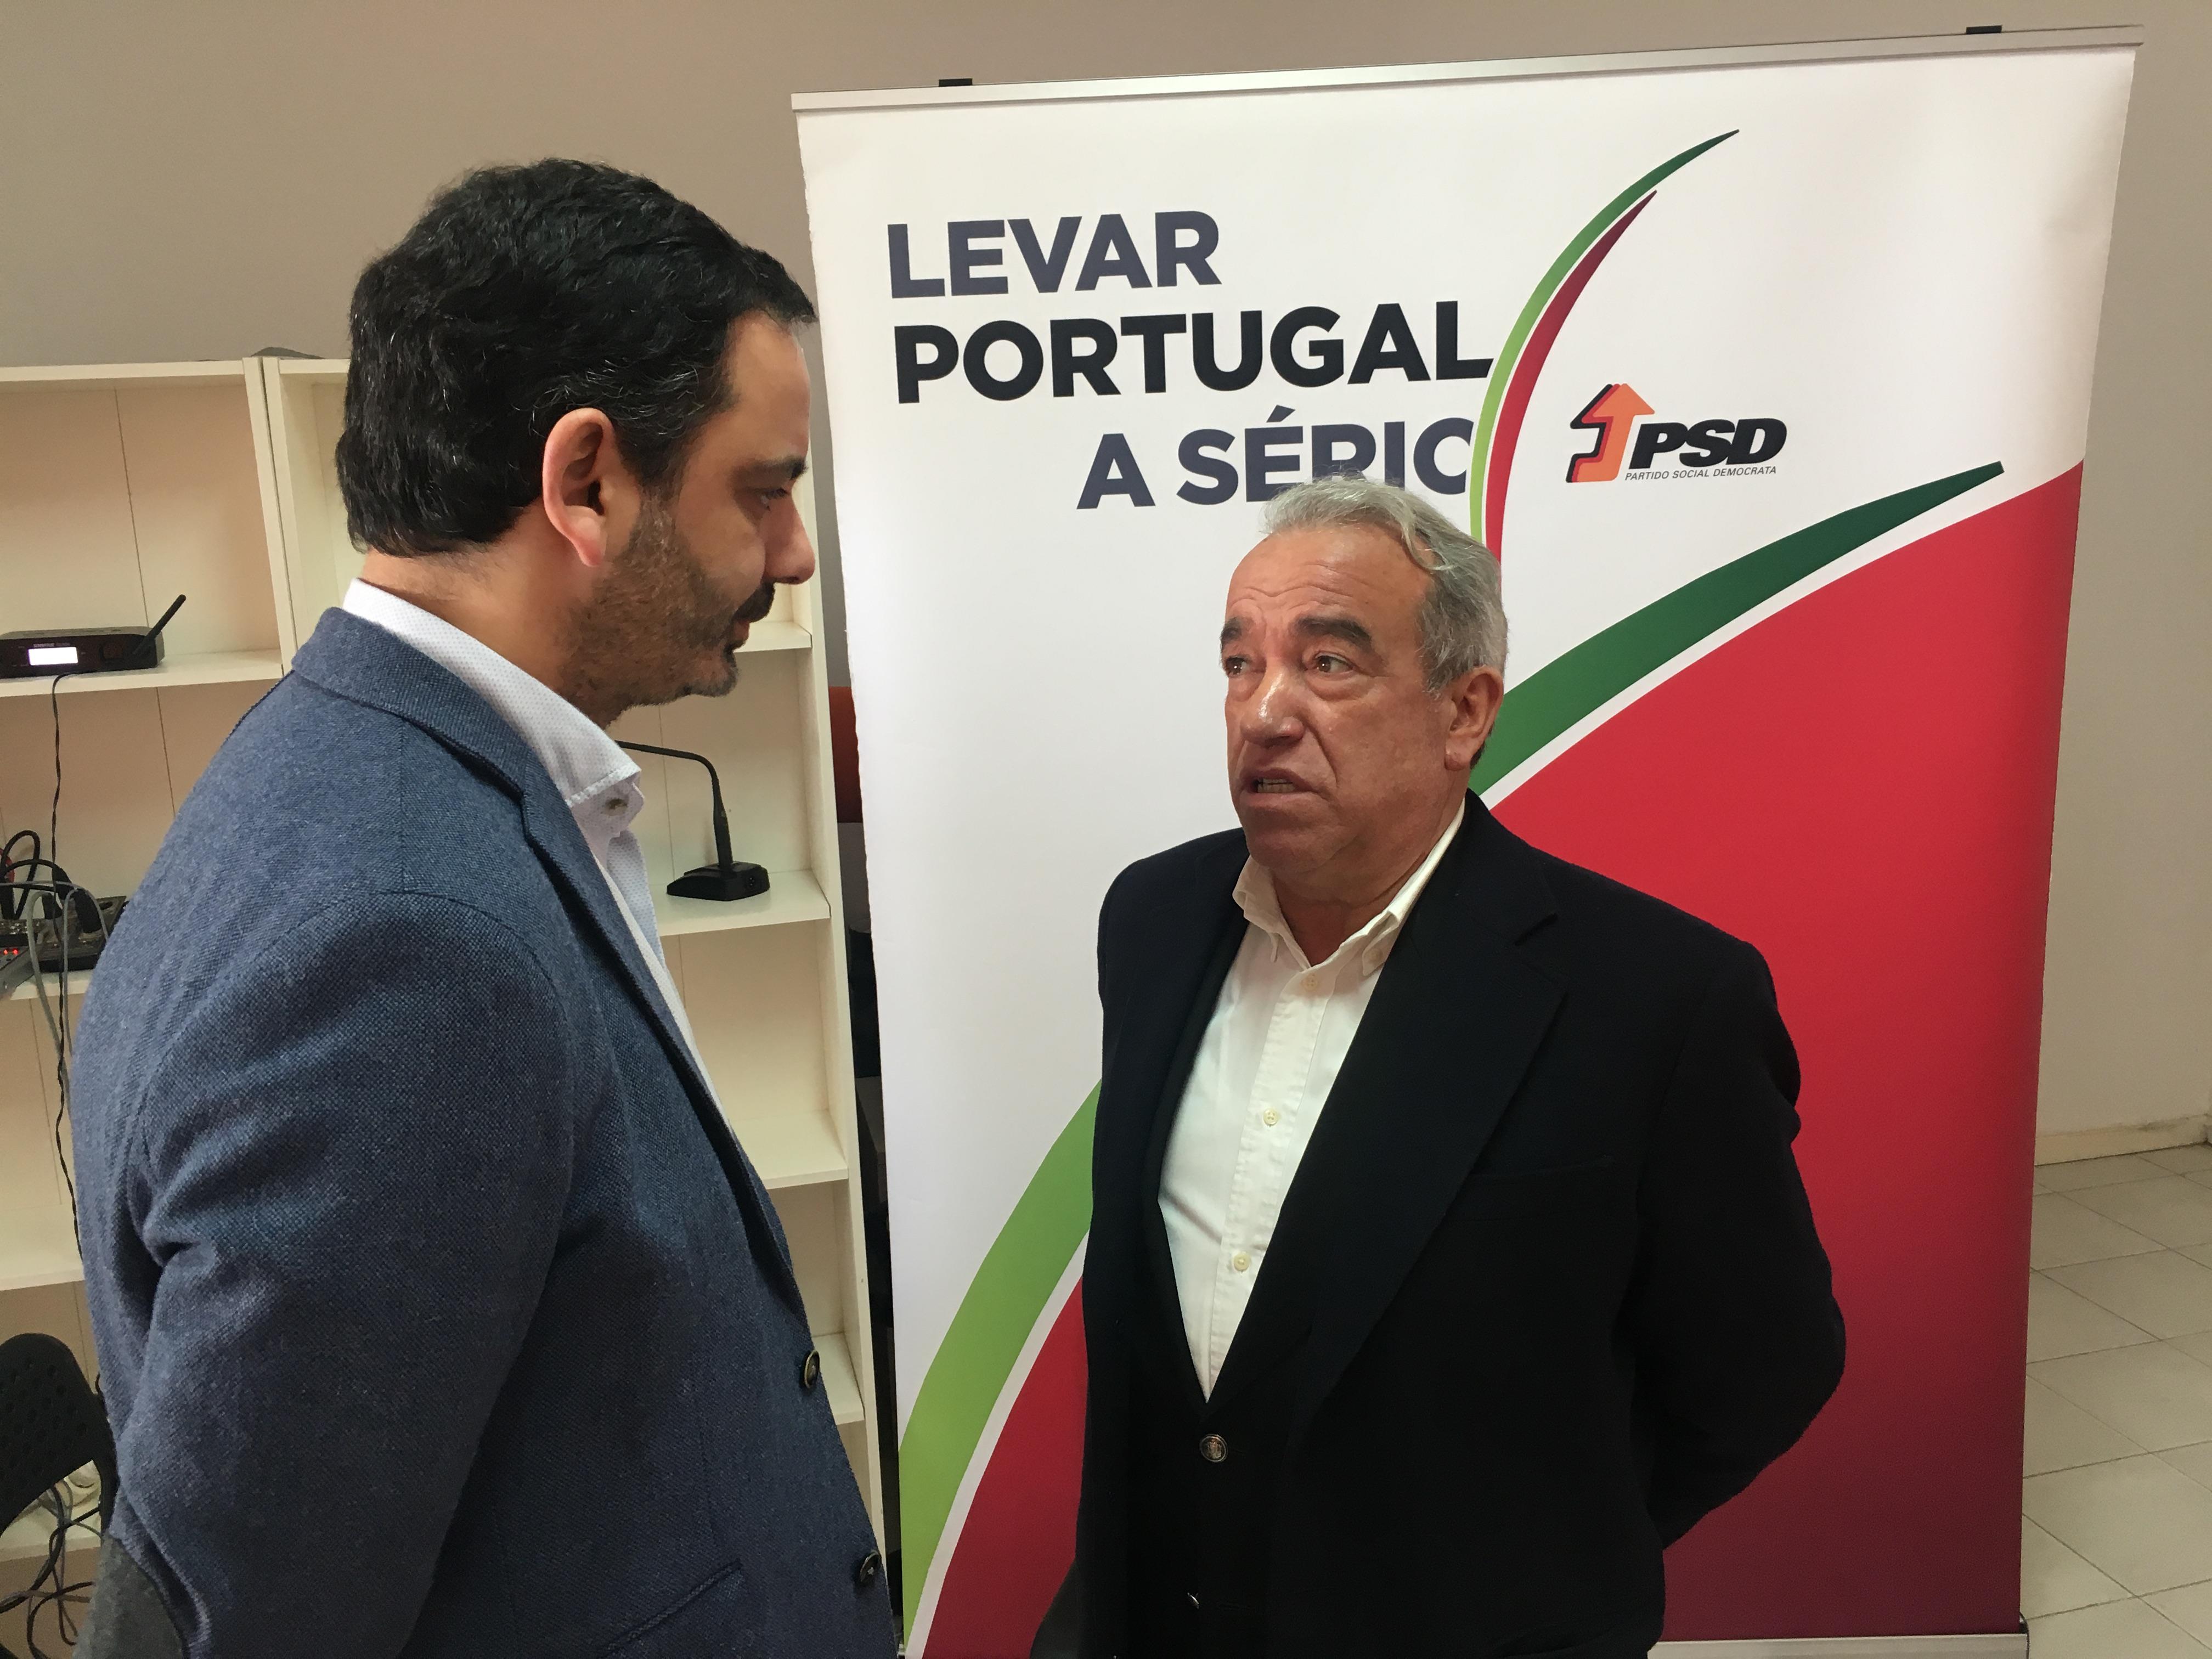 Arouca: Fernando Mendes levou caso da falta de professor de português no Agrupamento de Escolas de Arouca ao Parlamento